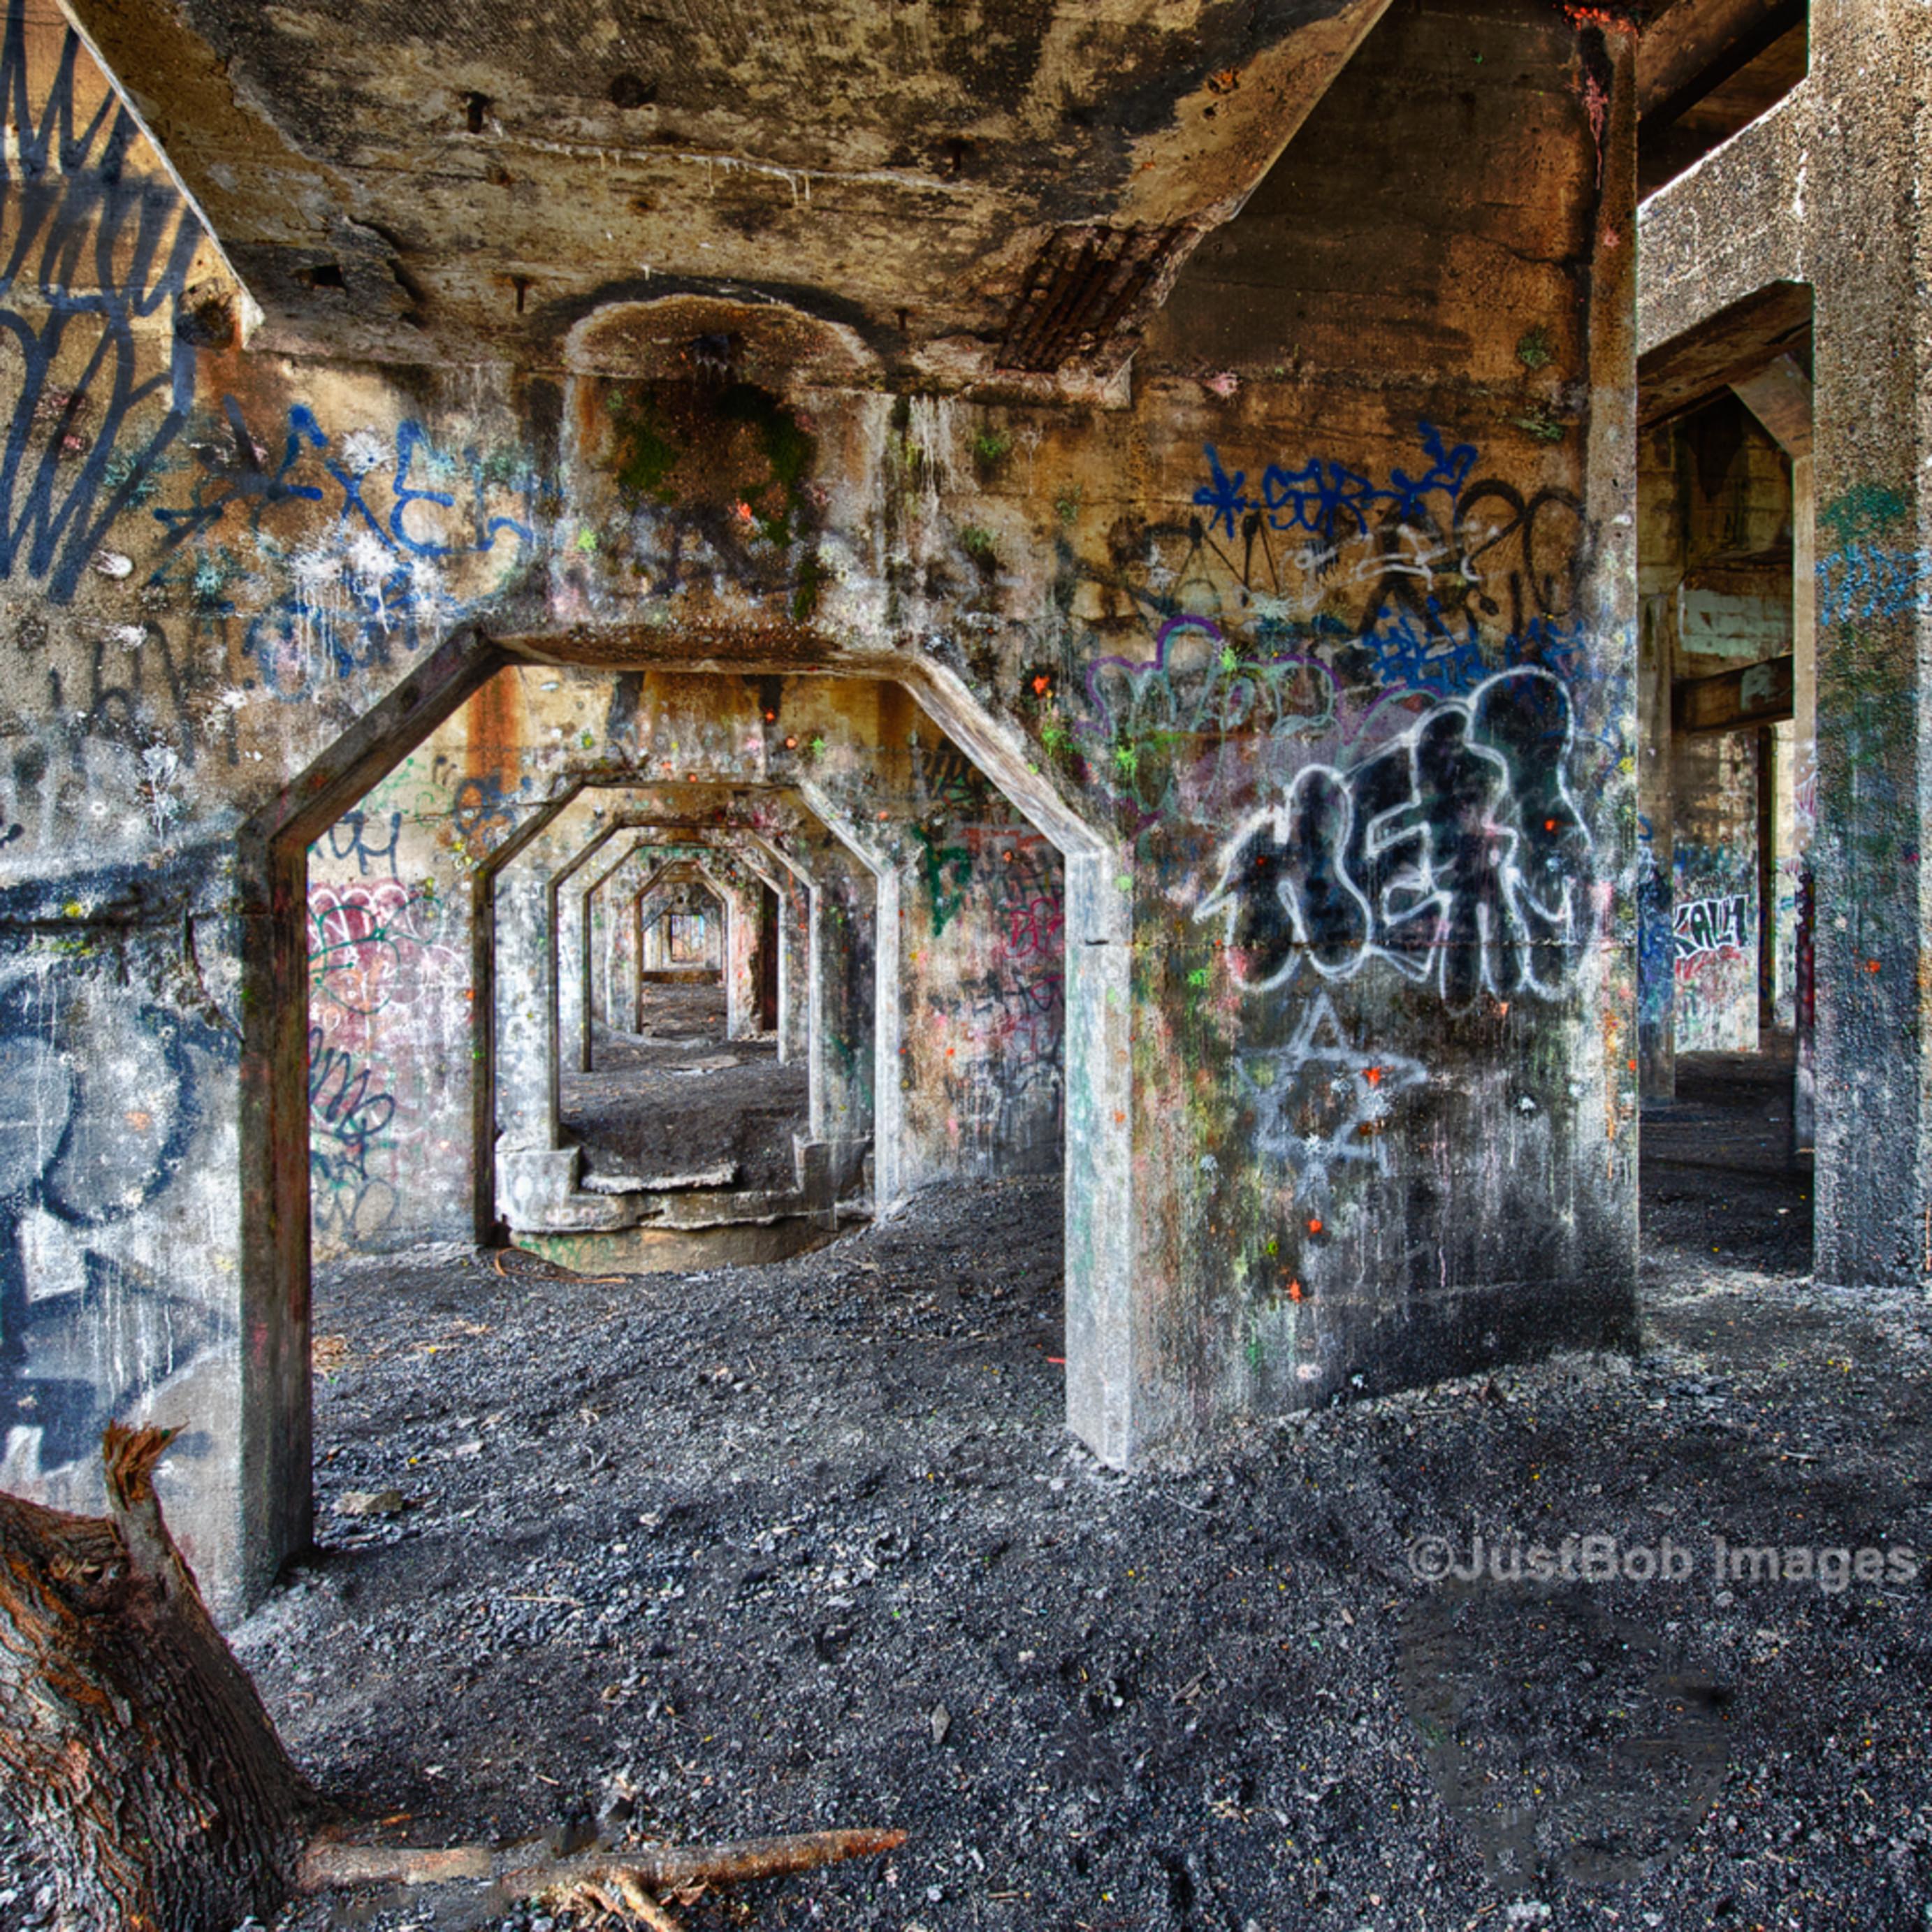 Graffiti 20120214 0207 hdr edit nhkgey